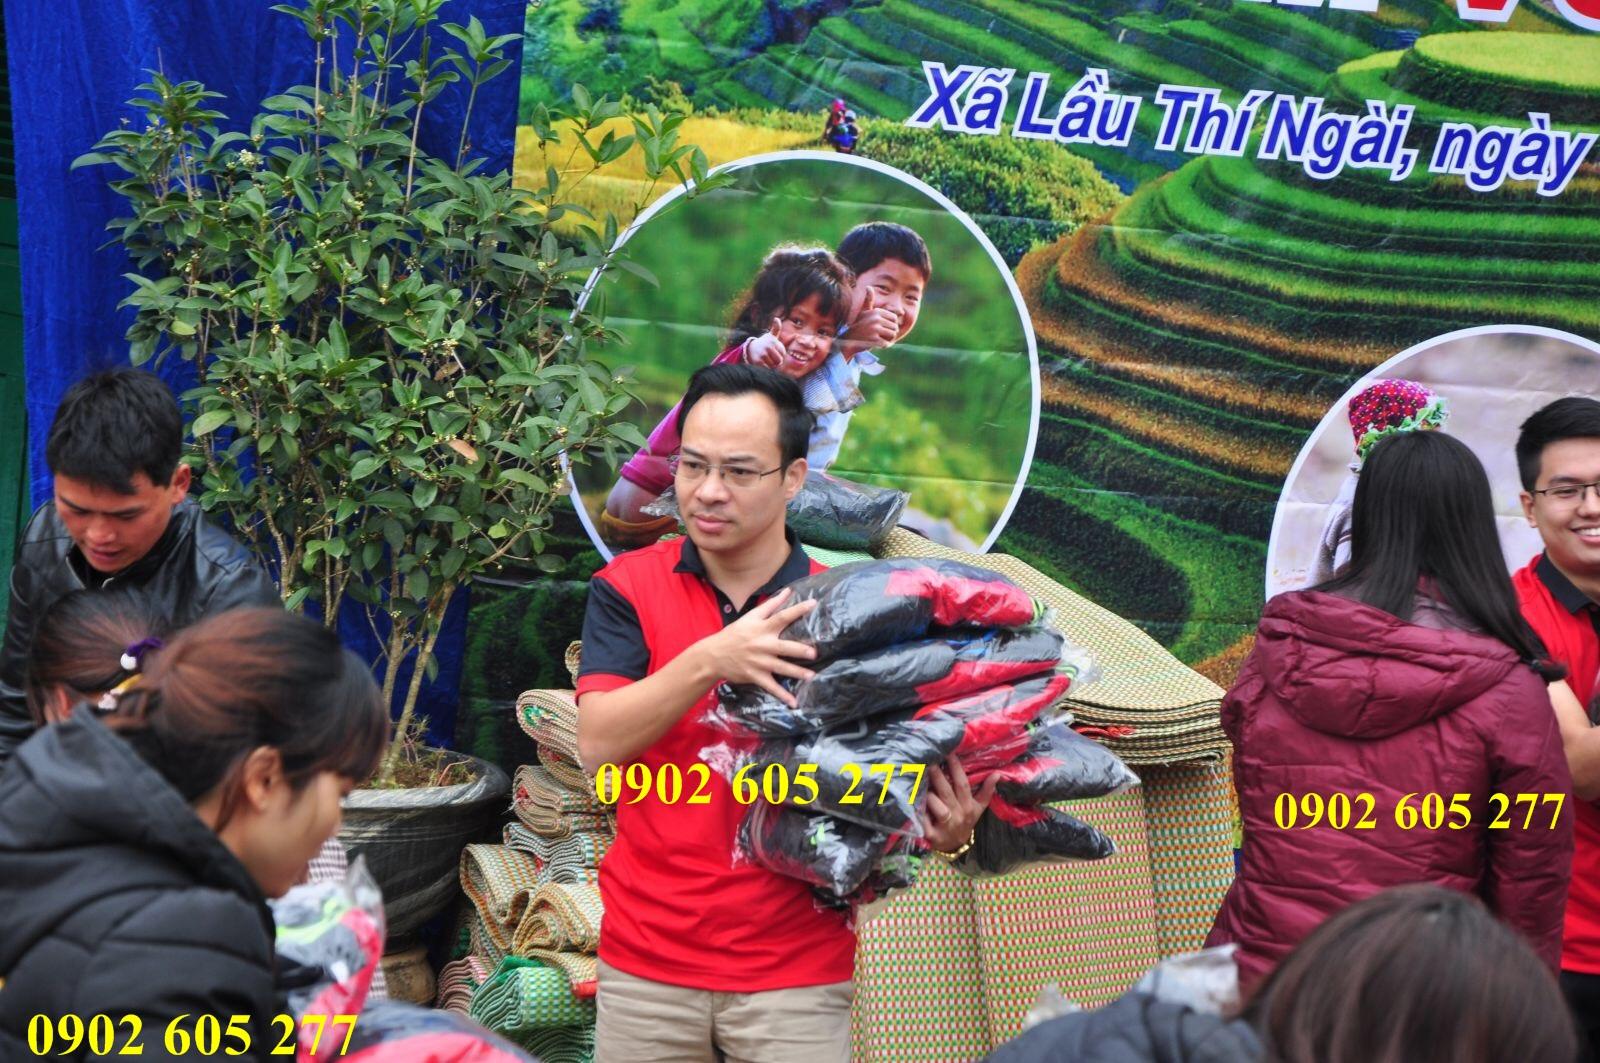 Chuyên sỉ áo khoác từ thiện giá ưu đãi cho trẻ em vùng núi